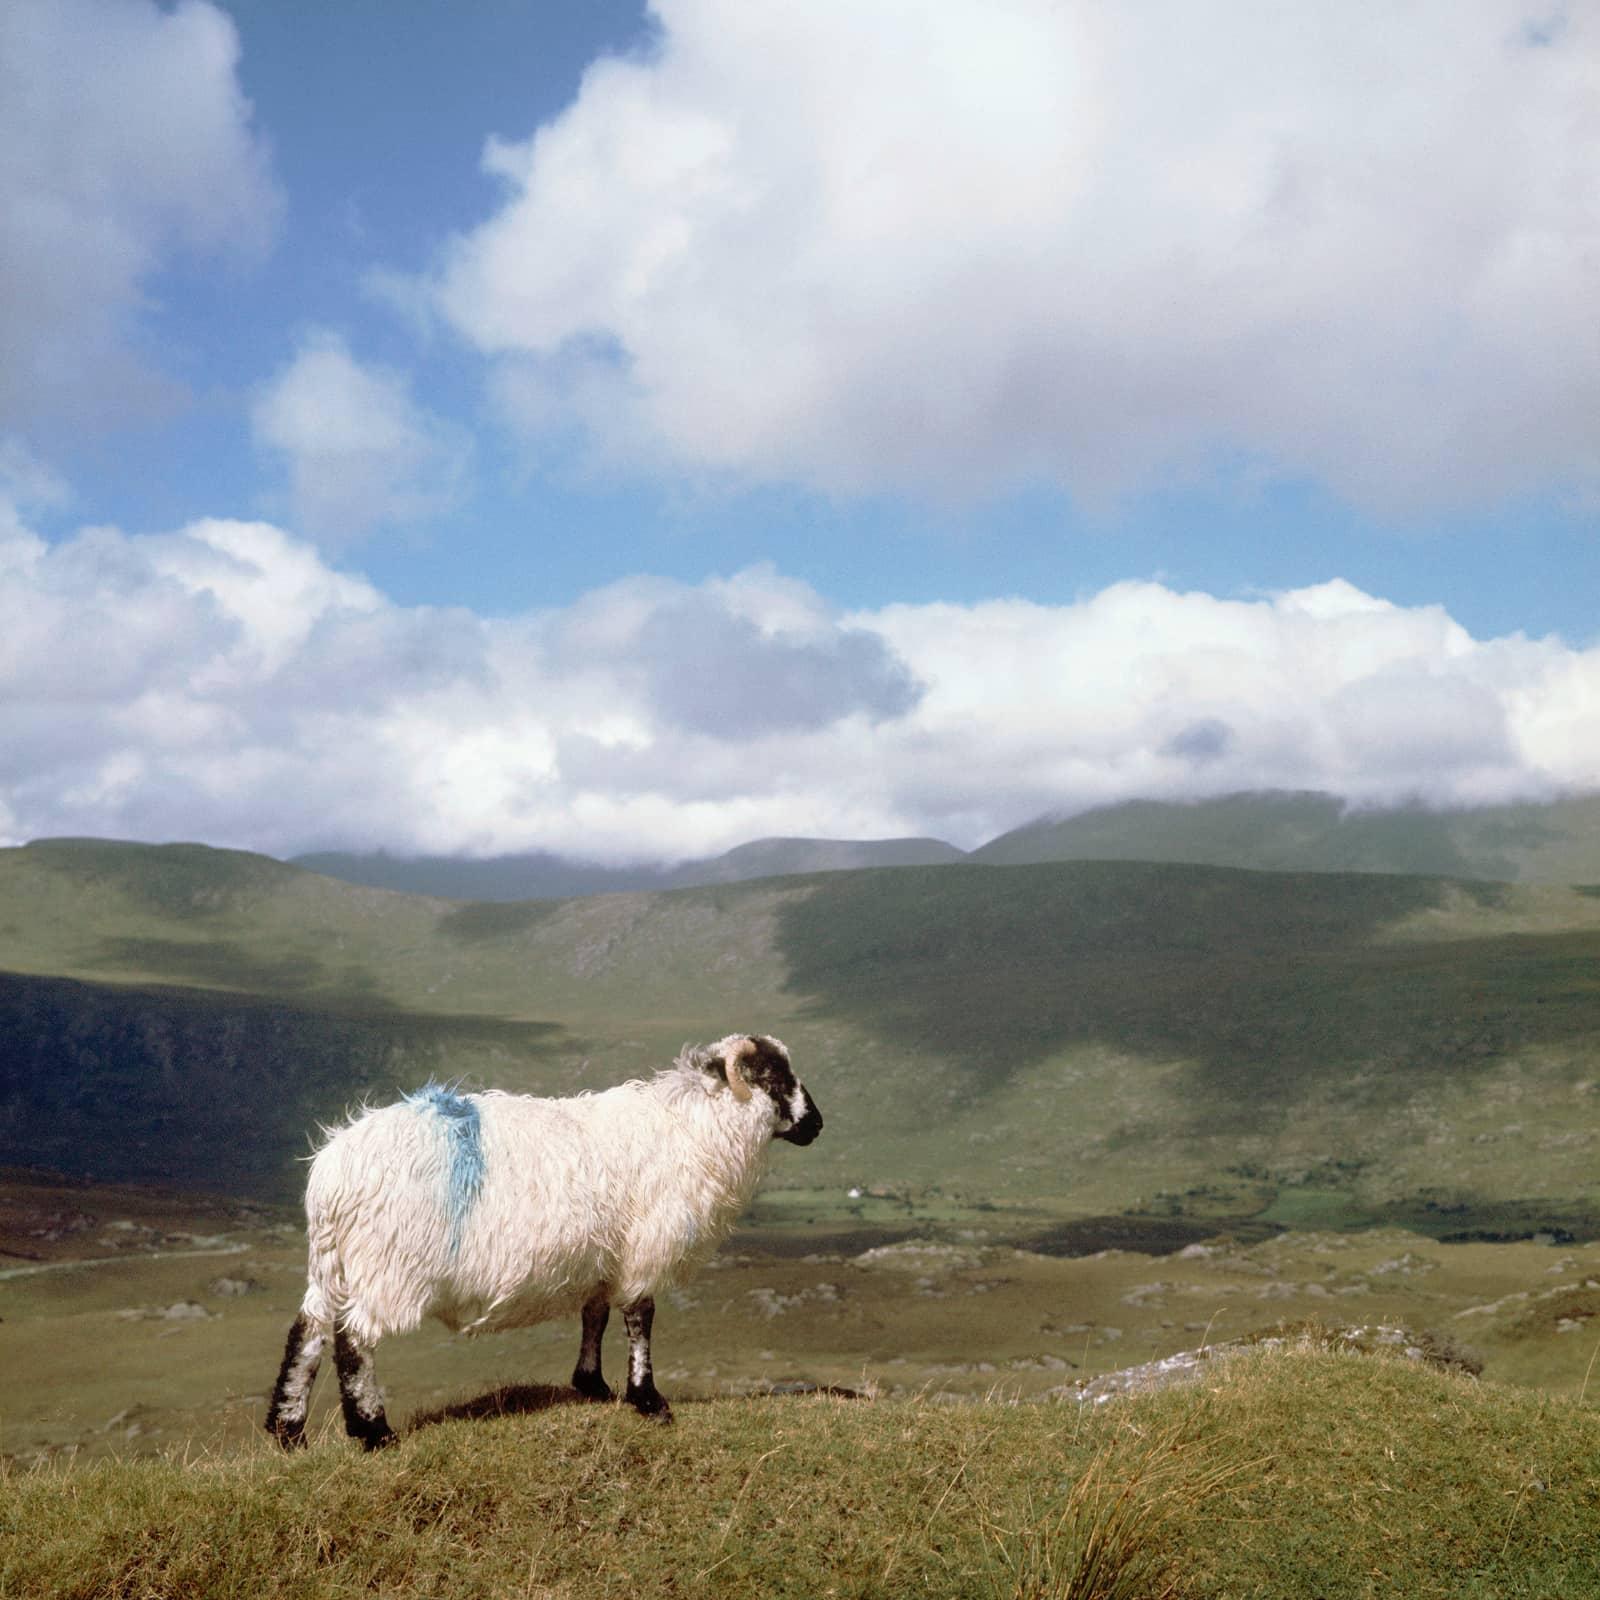 foto: Sem Presser/MAI - Ierland jaren zestig, landschap met schaap